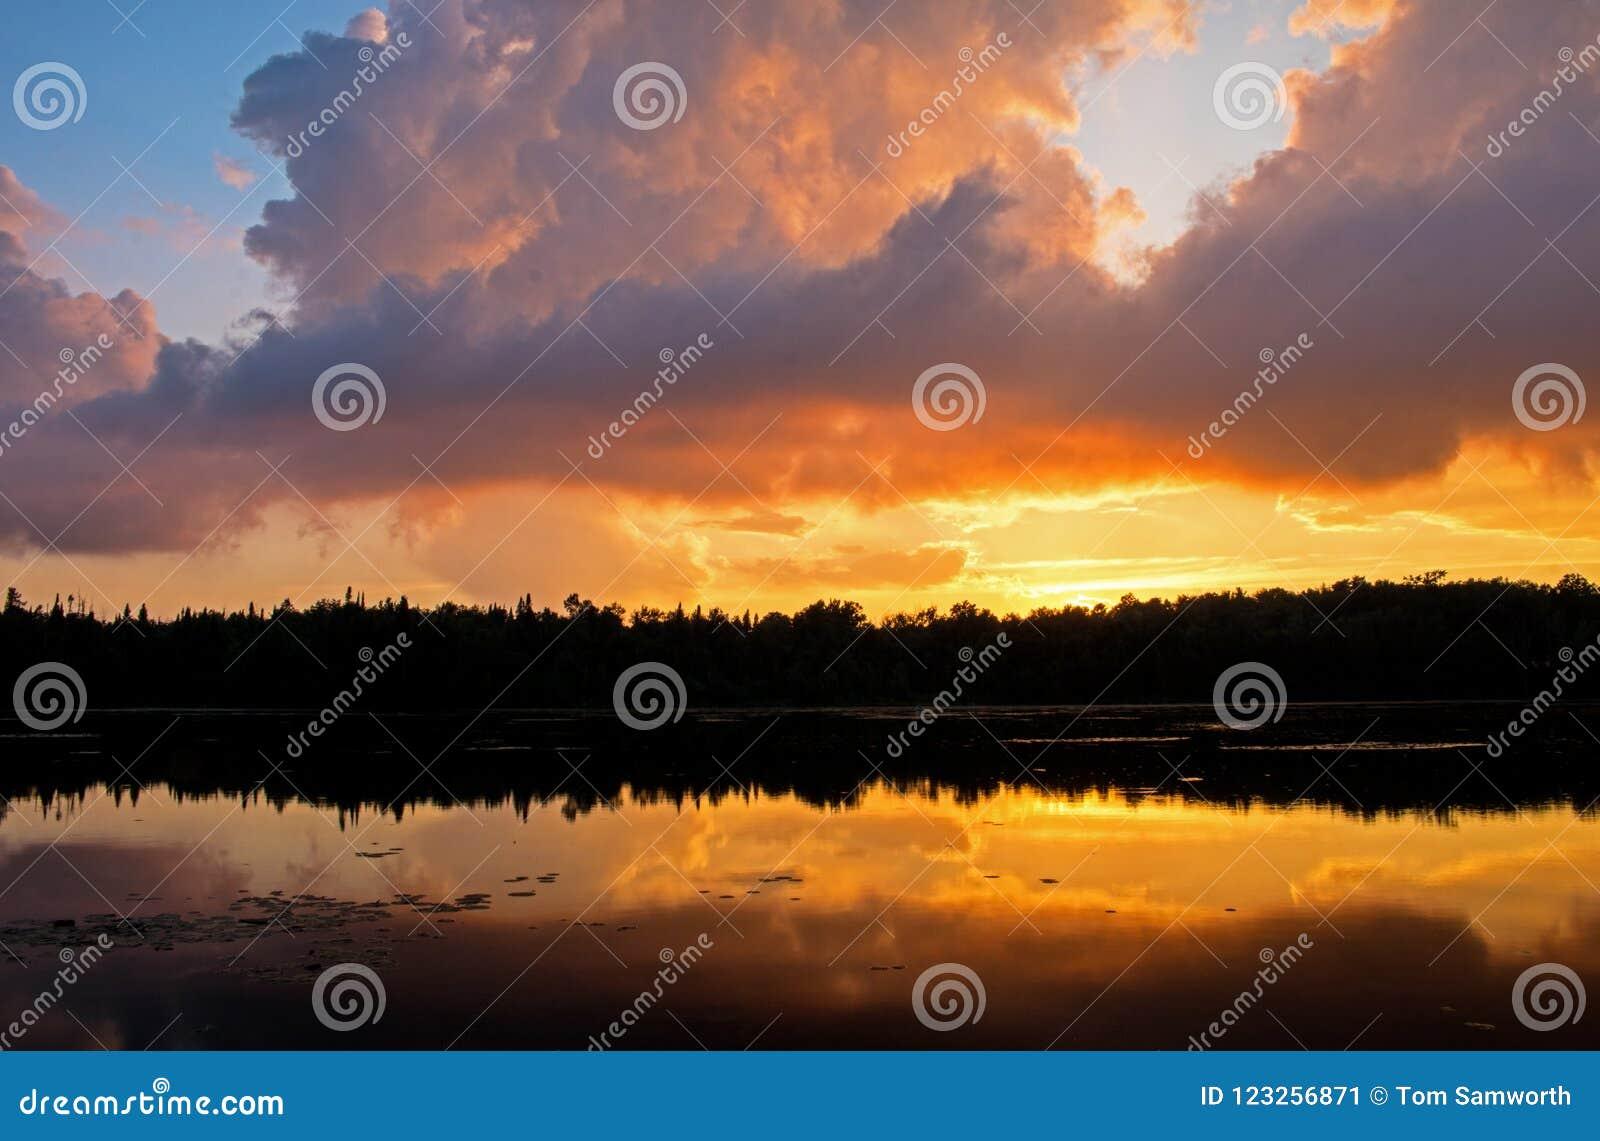 Sonnenuntergang gemischt mit Sturm-Wolken-Resten